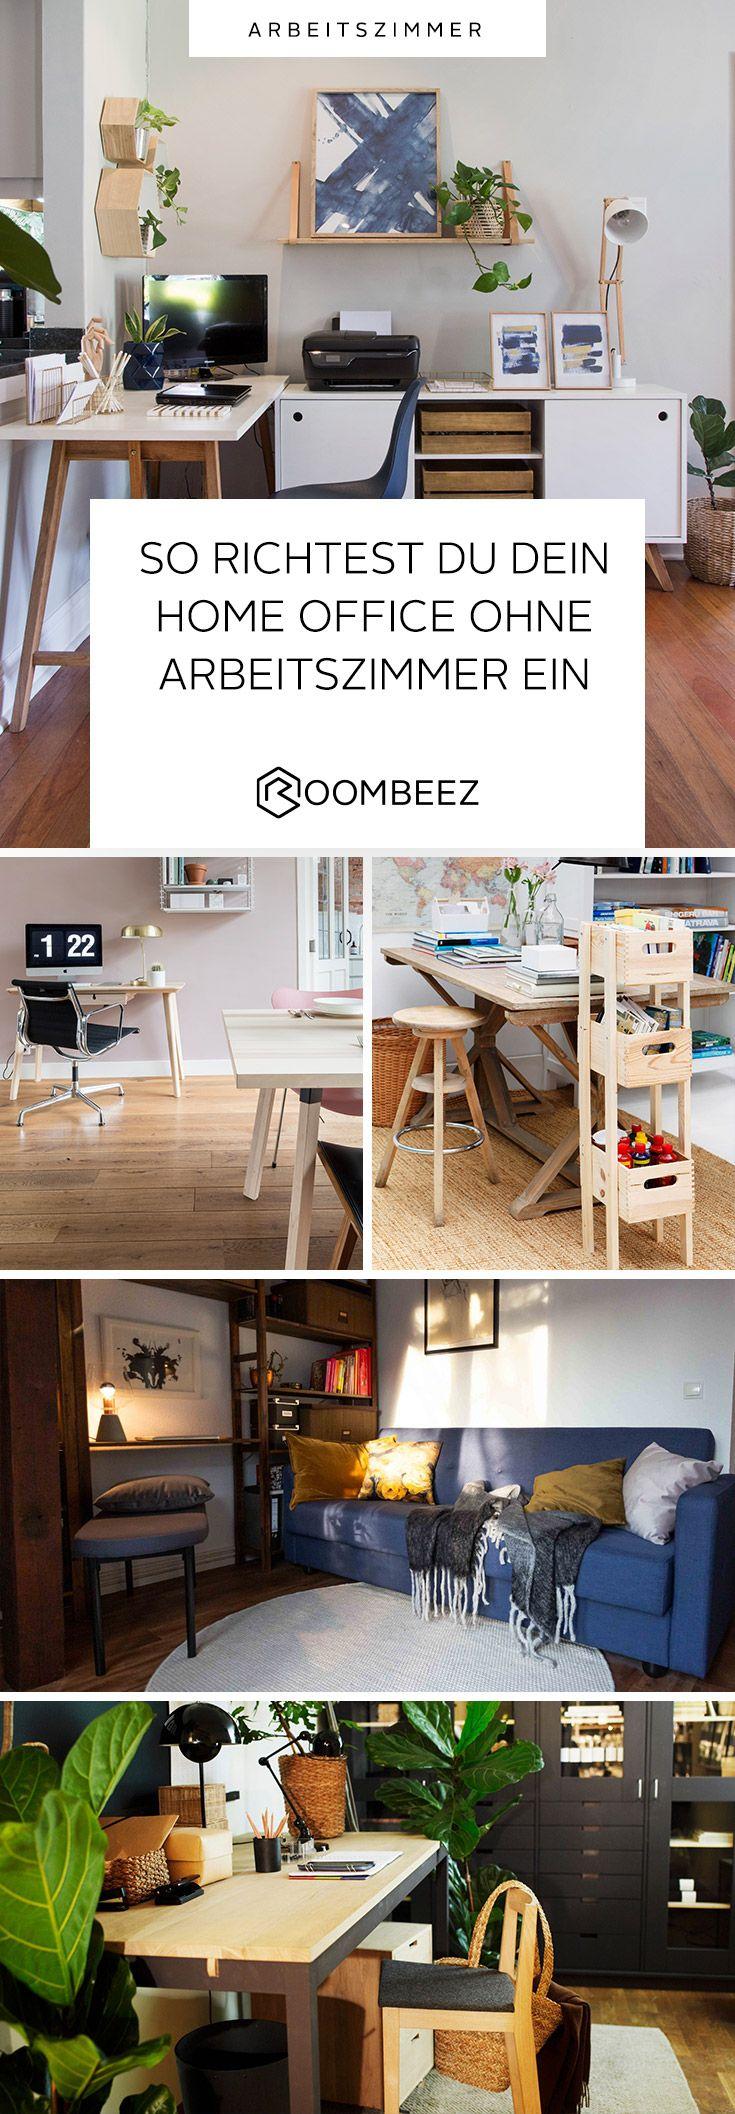 Home Office Einrichten Tipps Und Inspiration Otto Home Office Einrichten Home Office Modernes Homeoffice